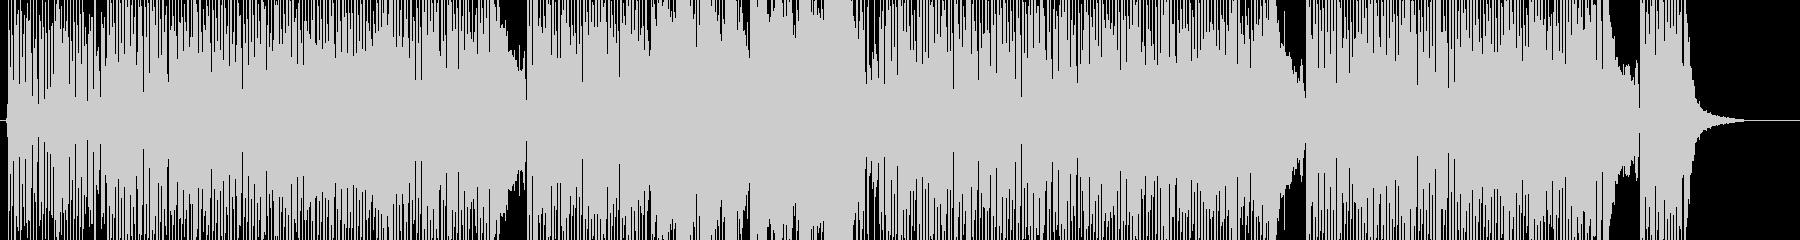 セムラ・ソングの未再生の波形